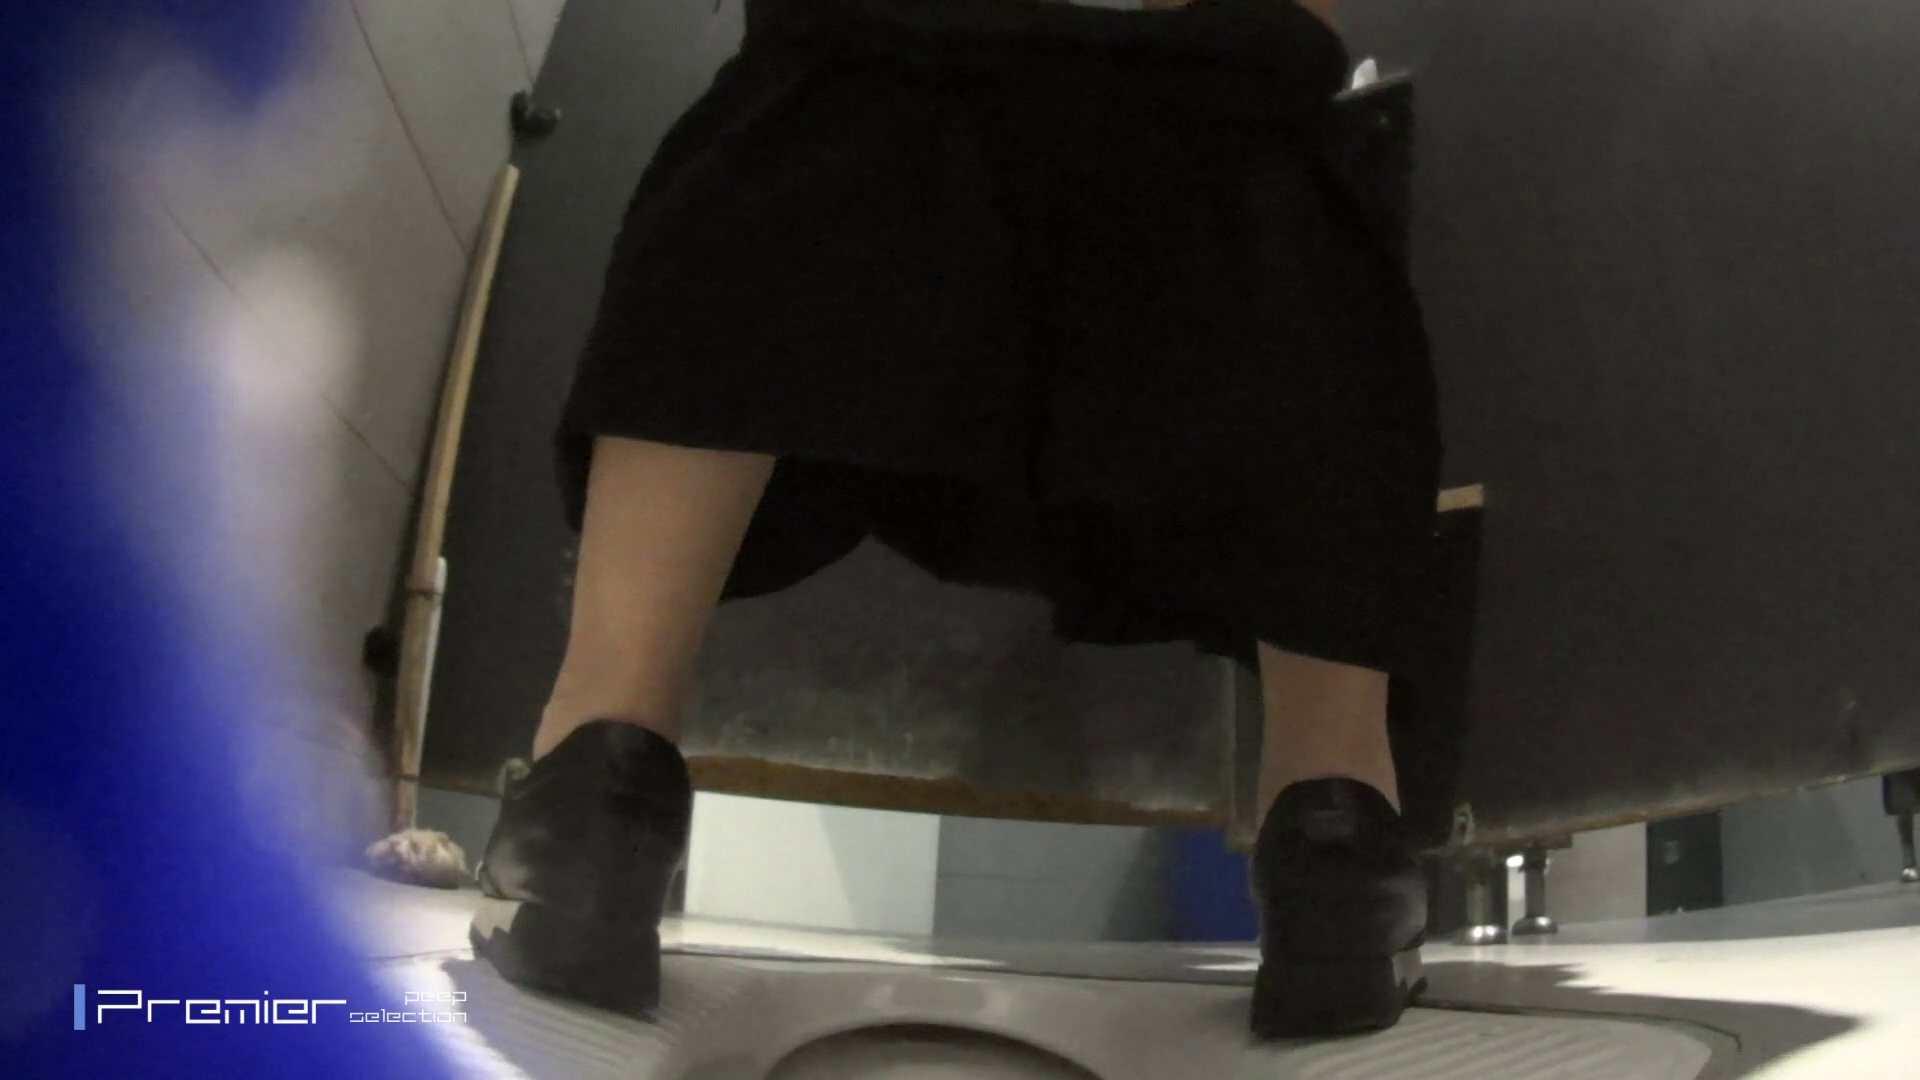 美女の長めのトイレ 大学休憩時間の洗面所事情53 細身女性 おまんこ動画流出 71画像 18